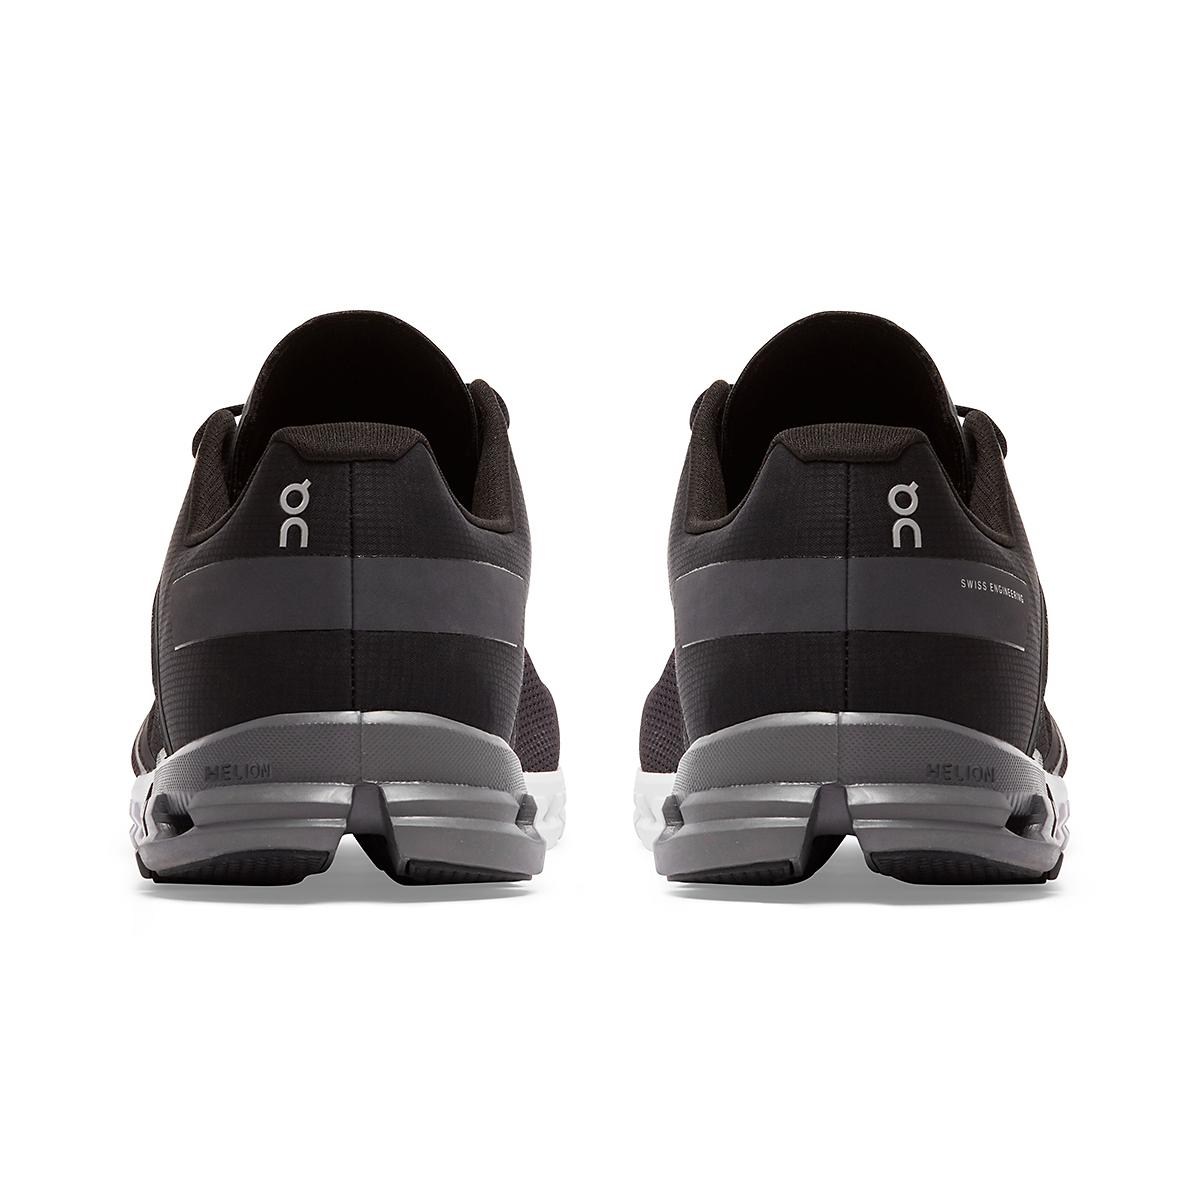 Men's On Cloudflow 2.0 Running Shoe - Color: Black/Asphalt - Size: 7 - Width: Regular, Black/Asphalt, large, image 4